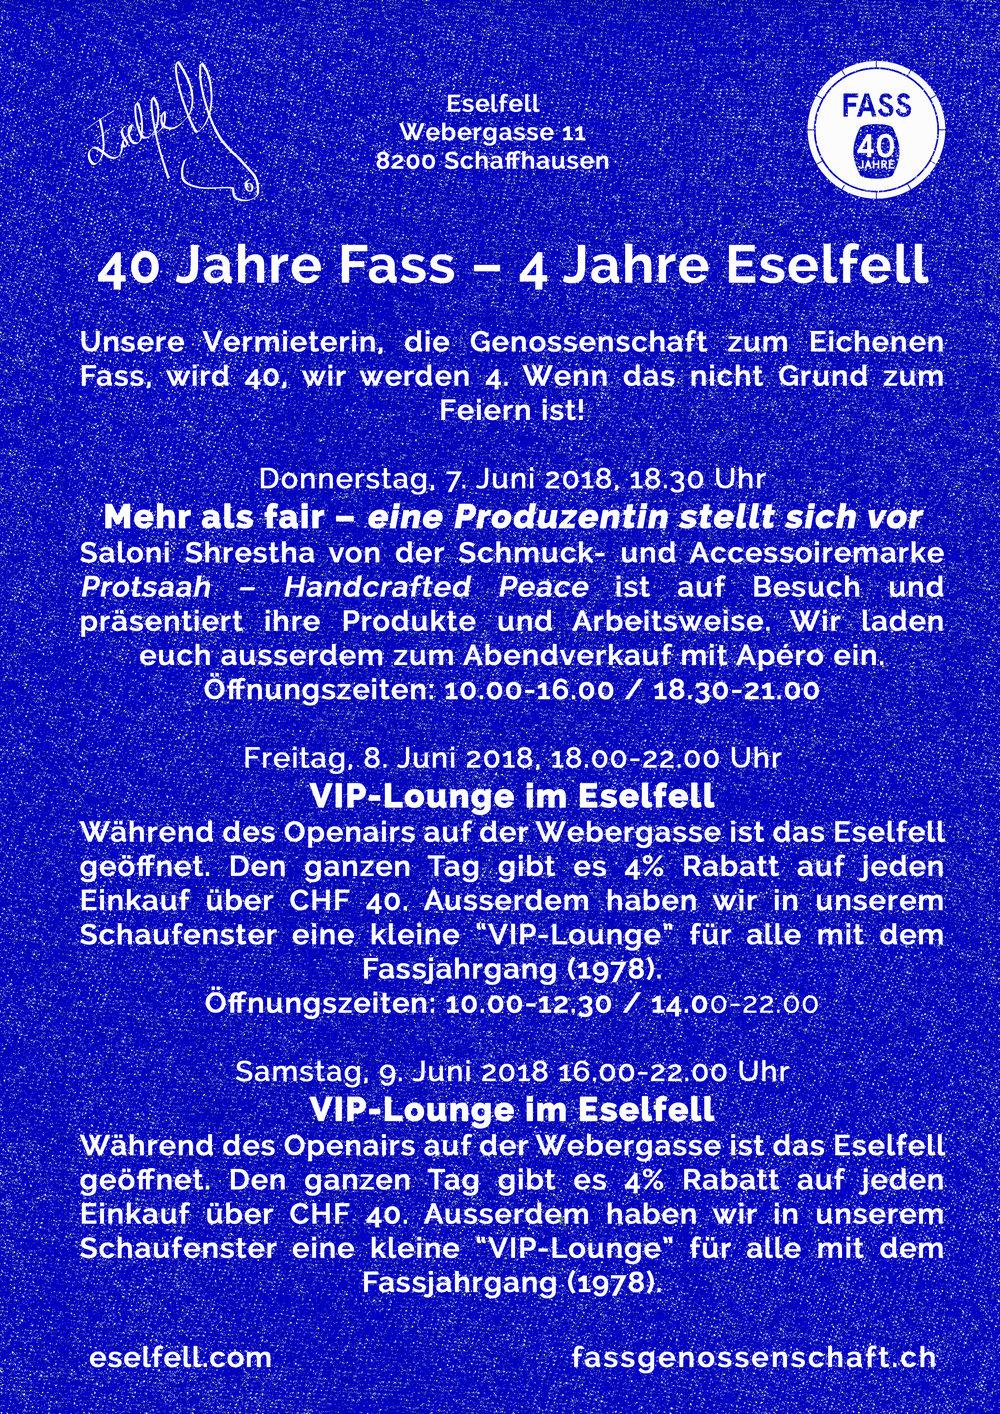 Fassjubiläum Flyer Eselfell small.jpg